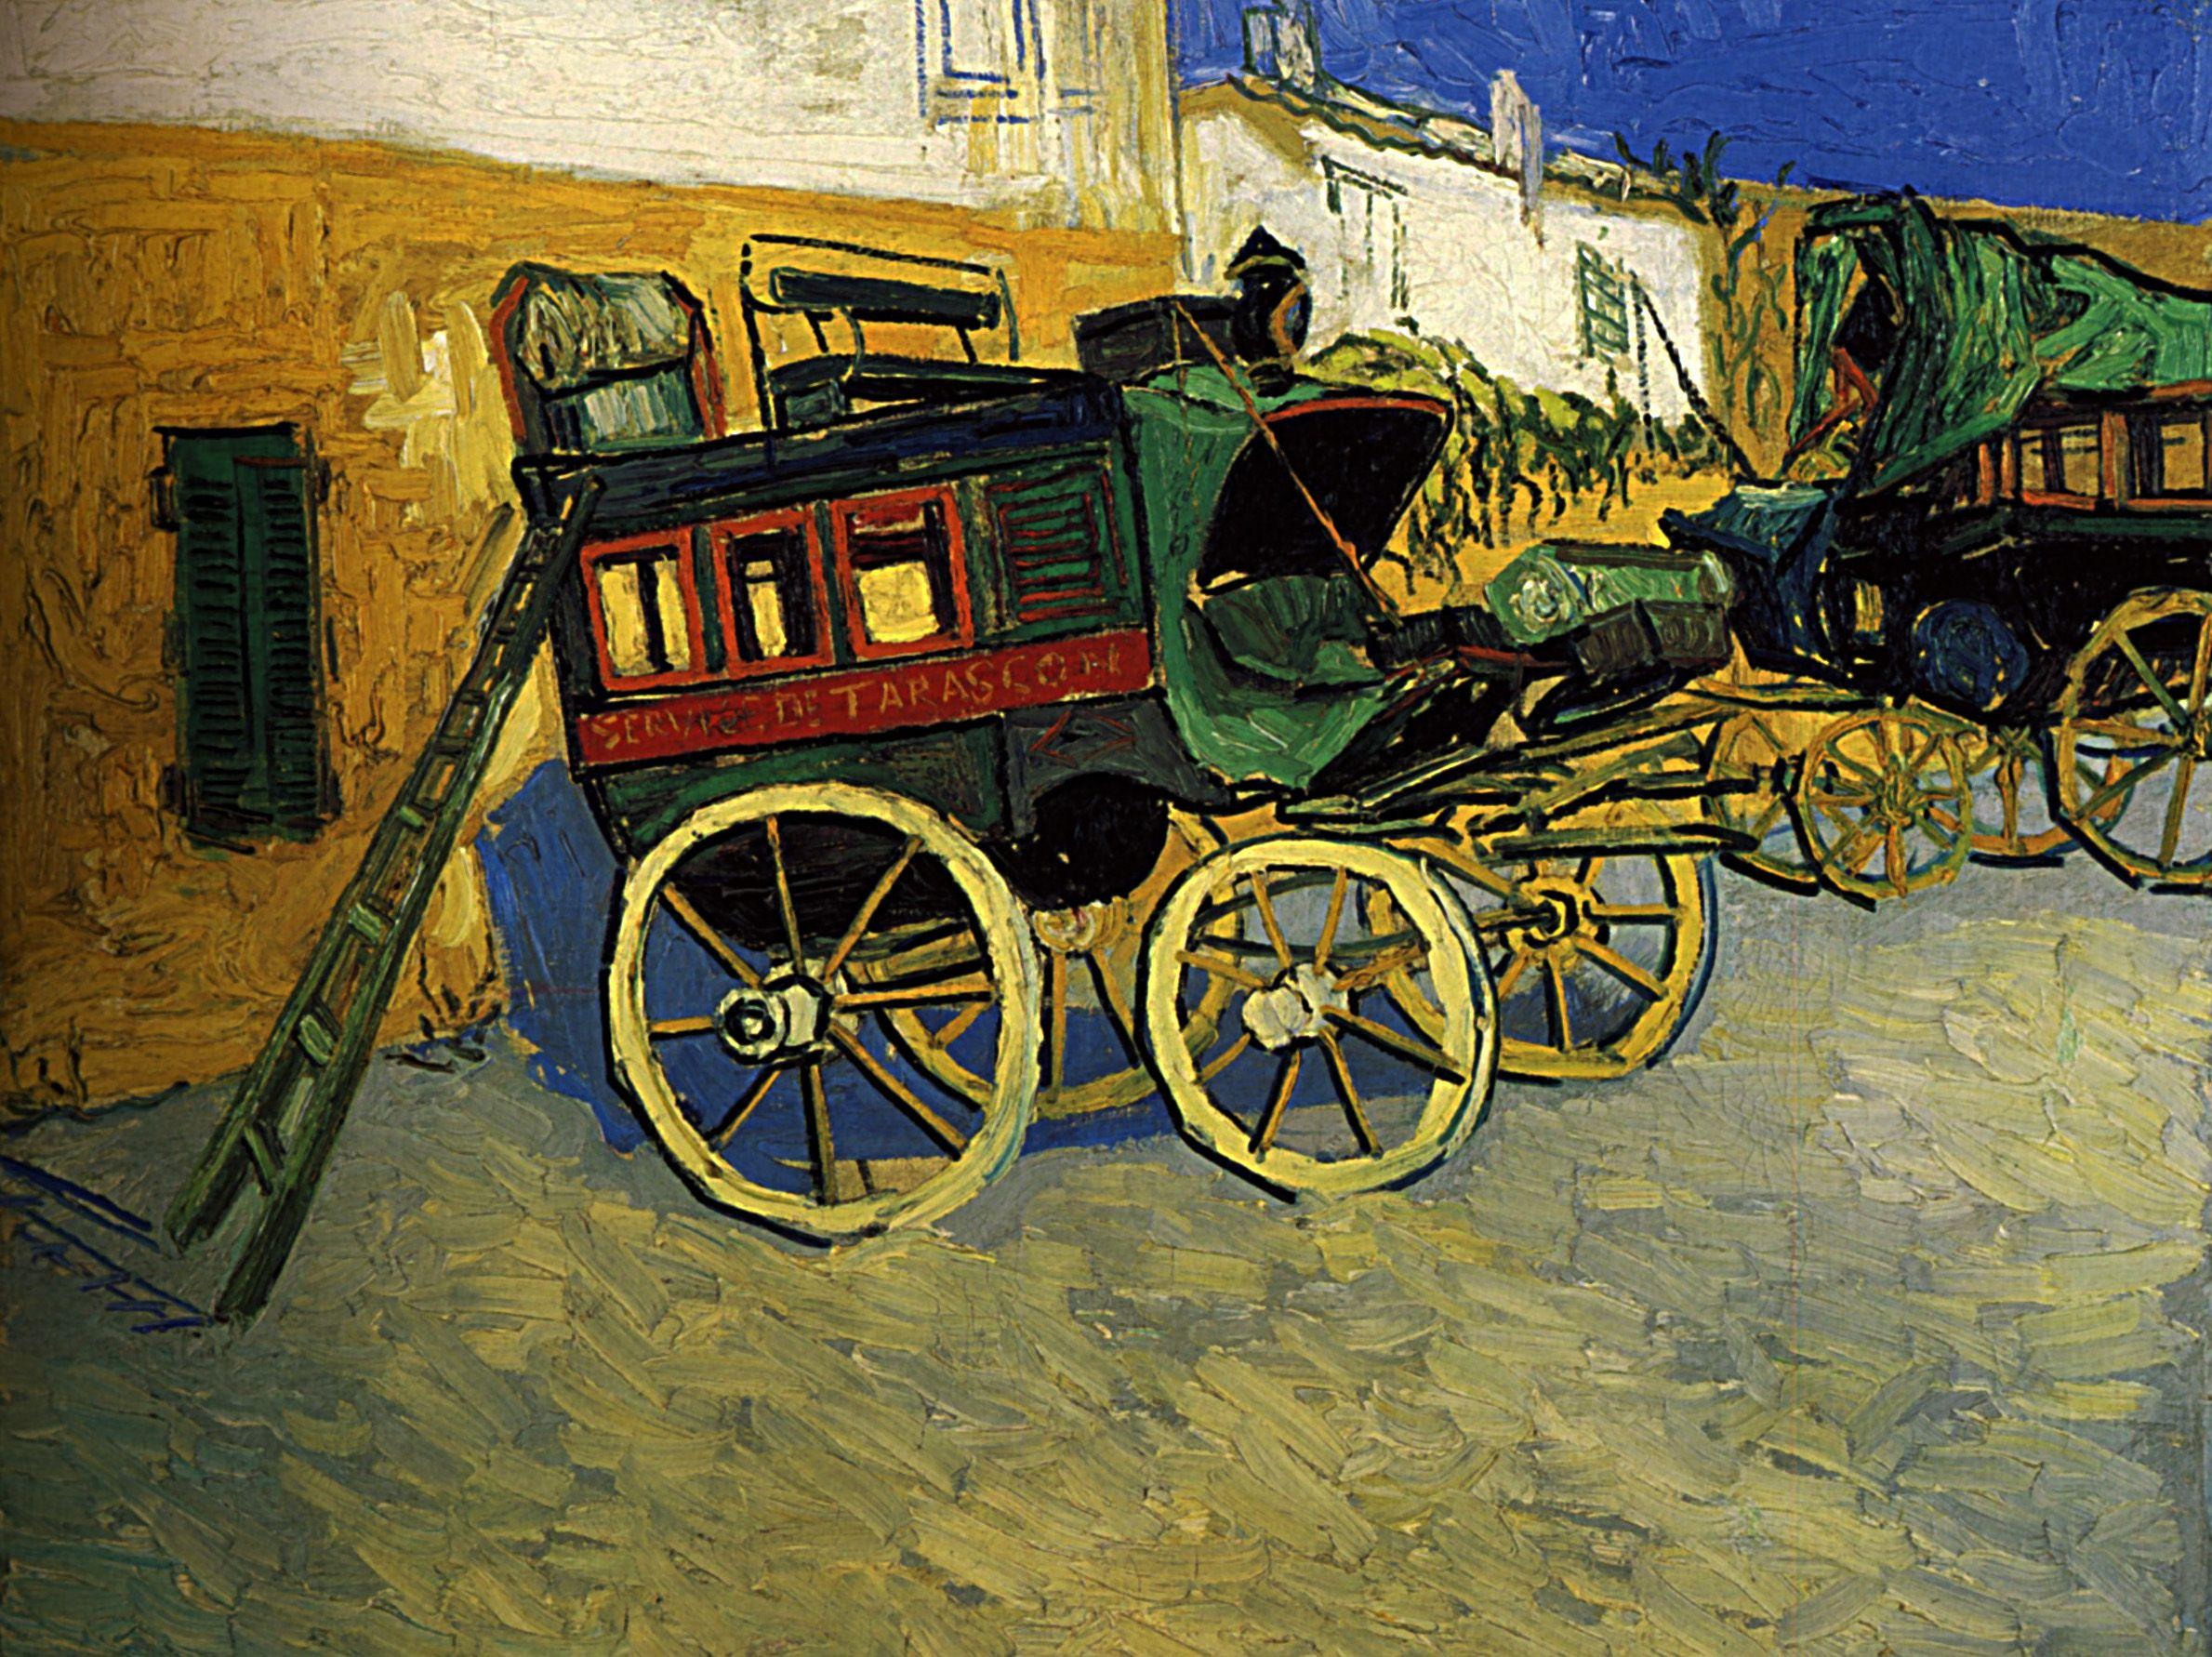 1888 Vincent Van Gogh La Diligence De Tarascon Huile Sur Toile 72x92 Cm Princeton The Art Museum